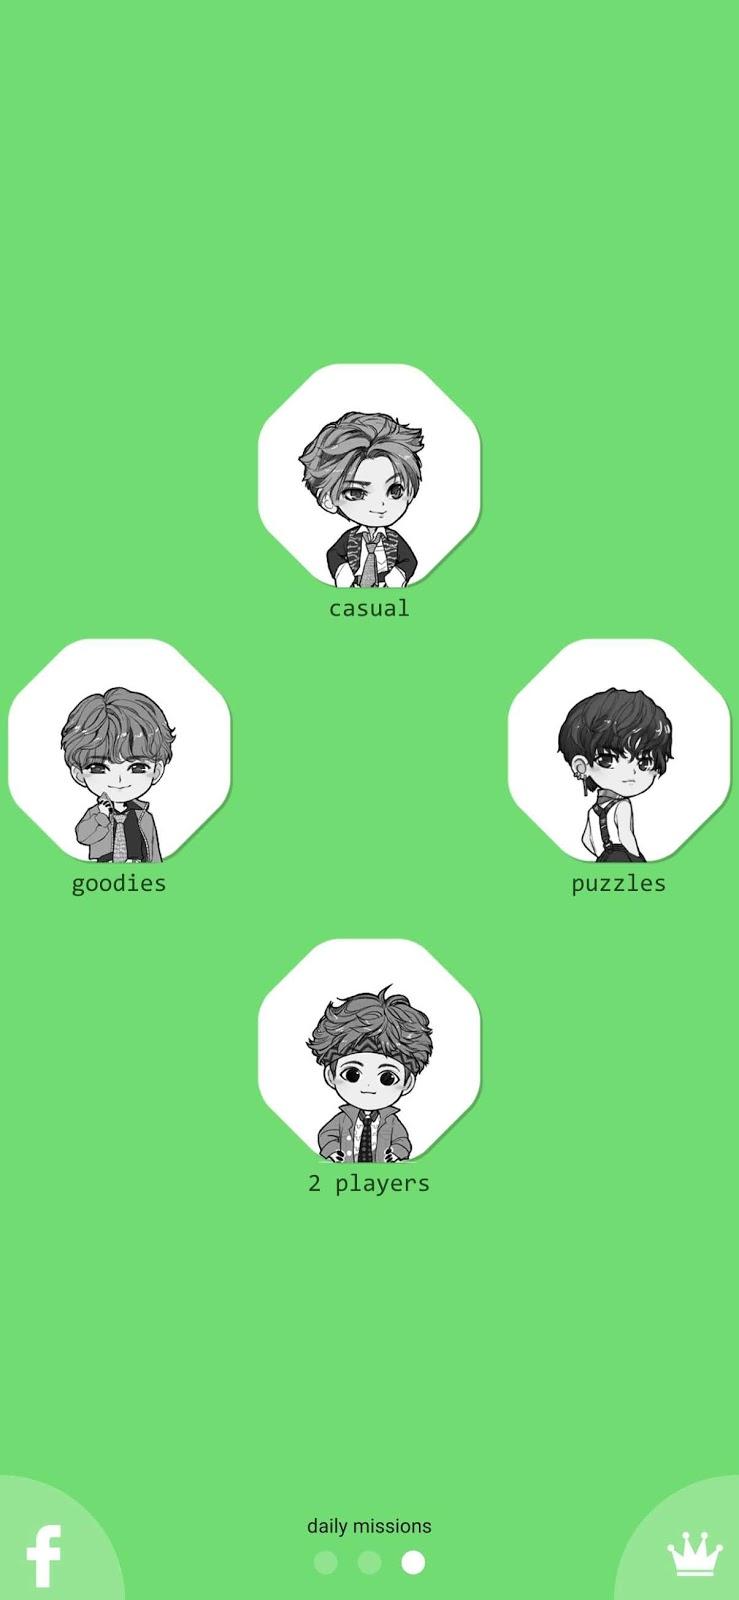 Kpop games